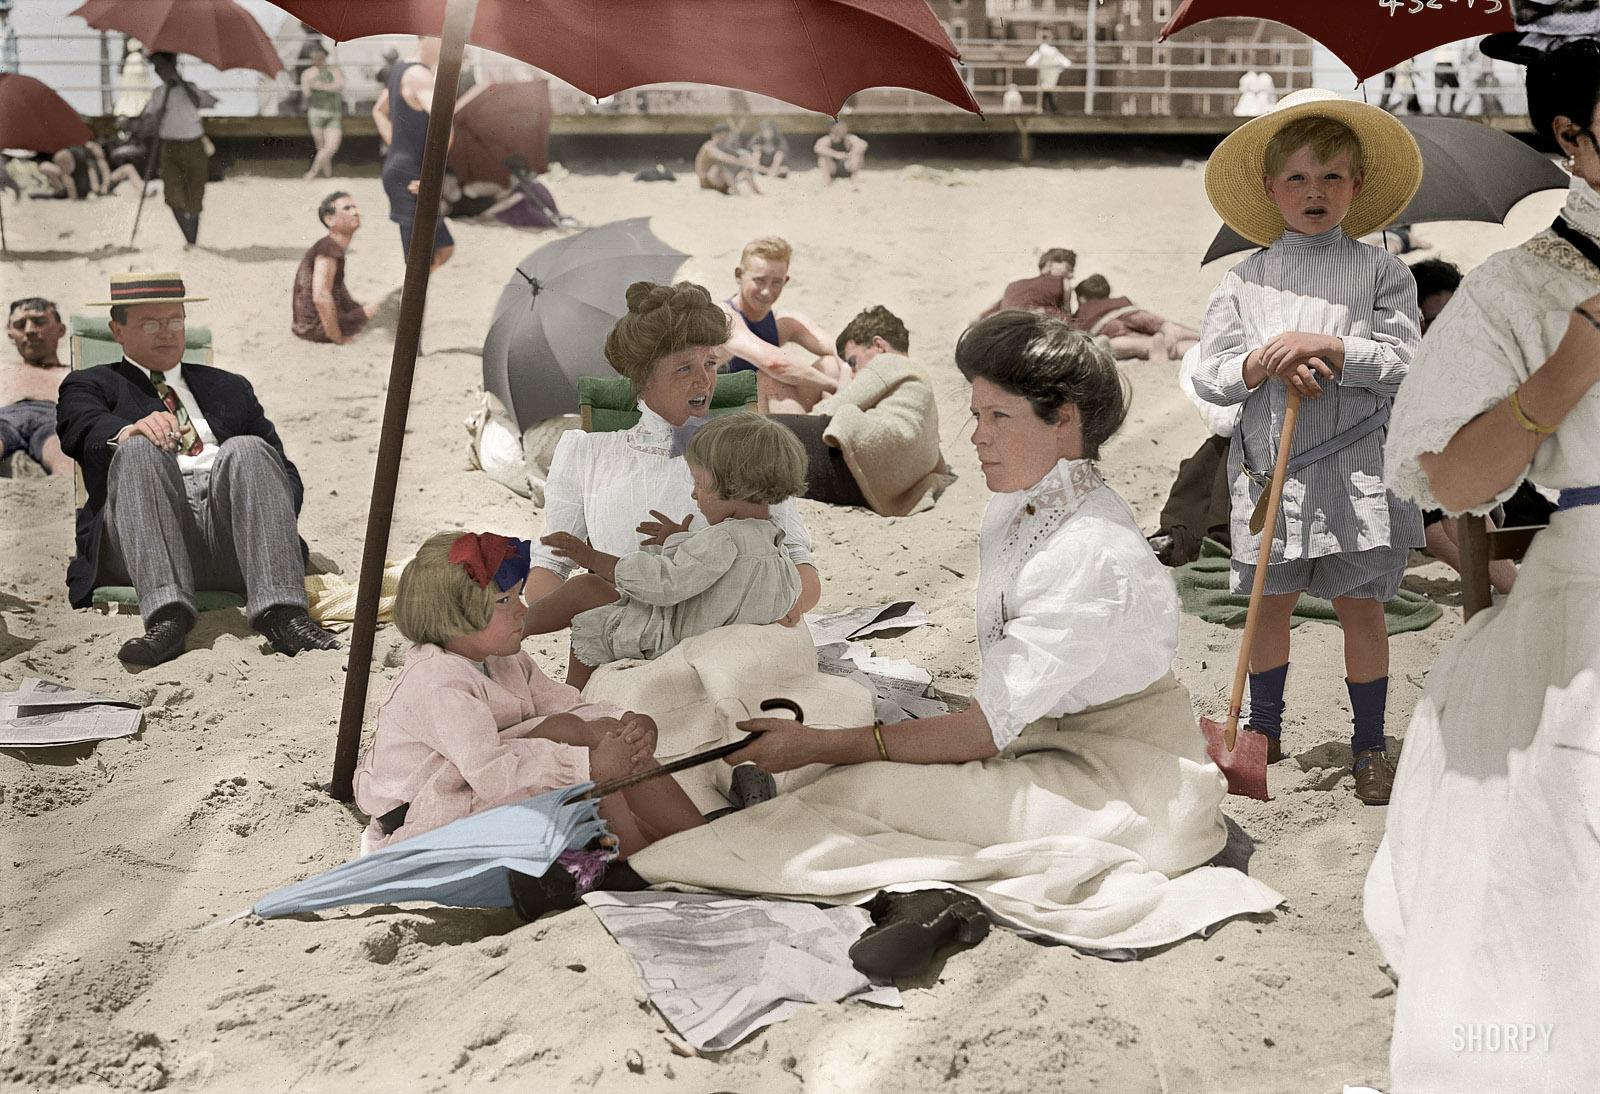 Beach_1911.jpg